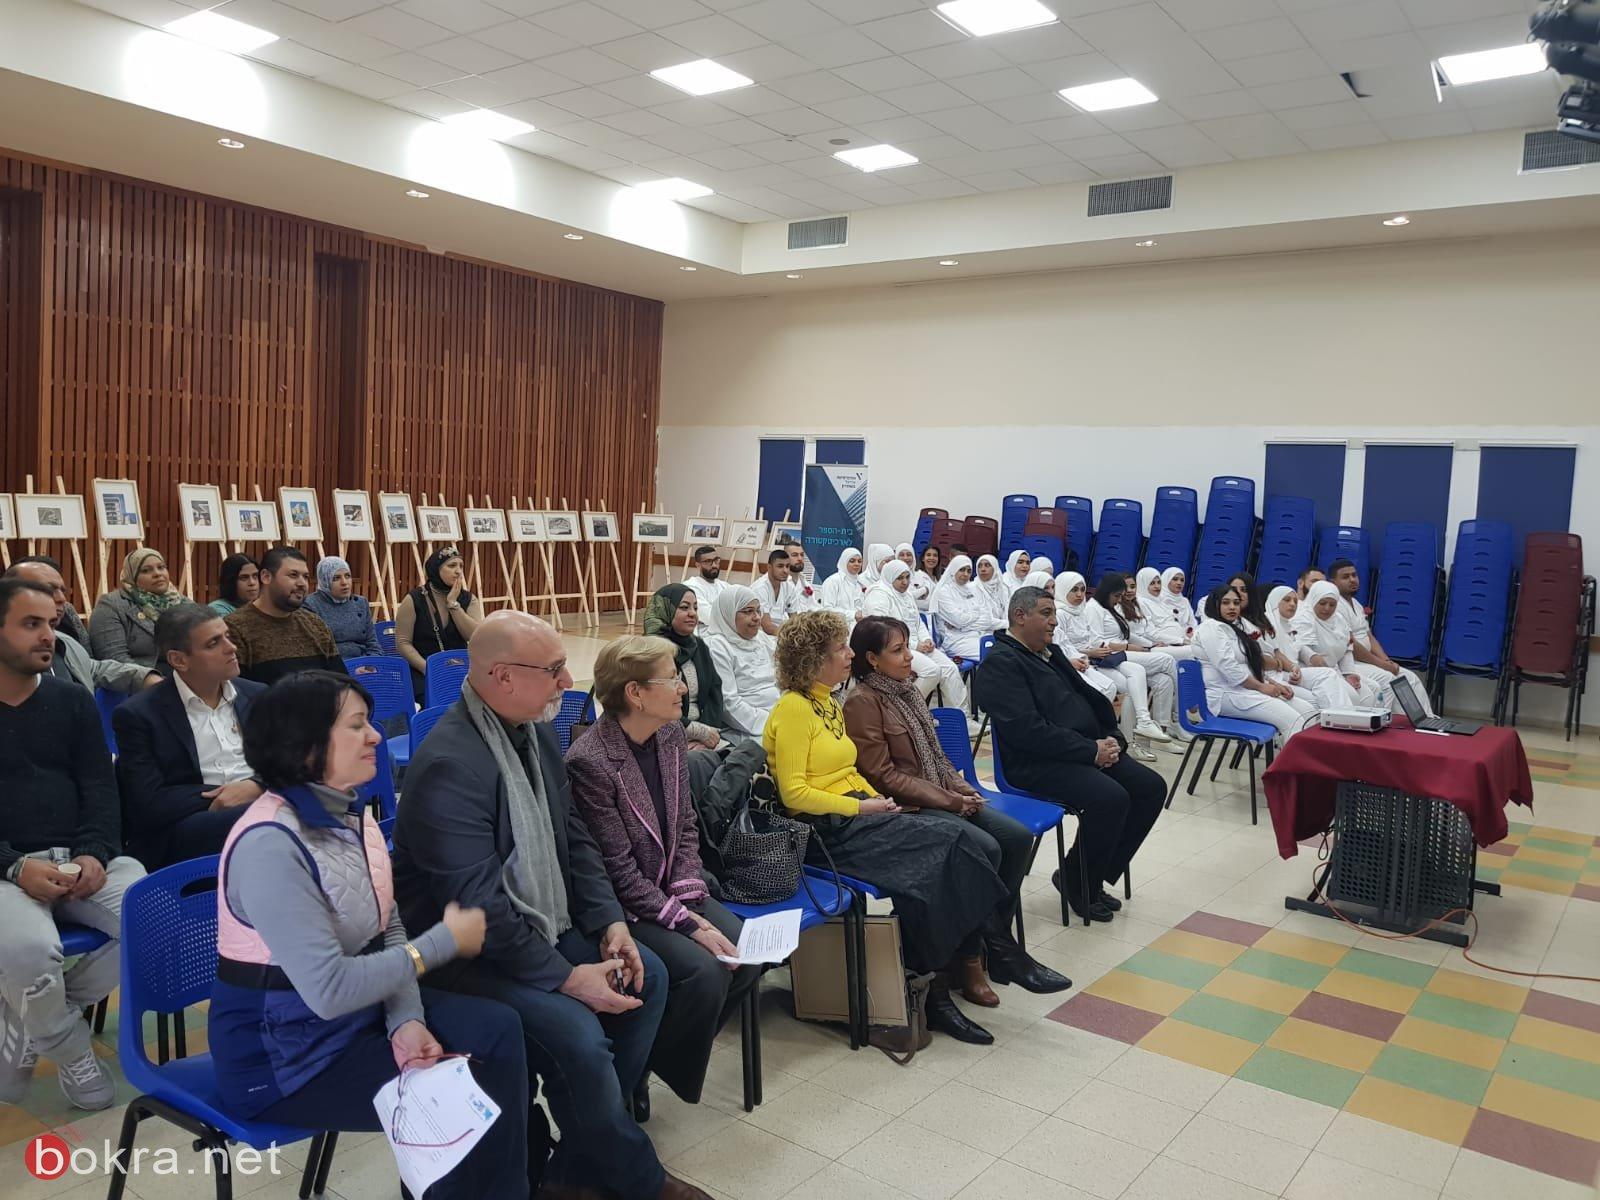 خمسون طالب جامعي من أبناء جسر الزرقاء ينهون عامهم الدارسي الأول في مجال التمريض!